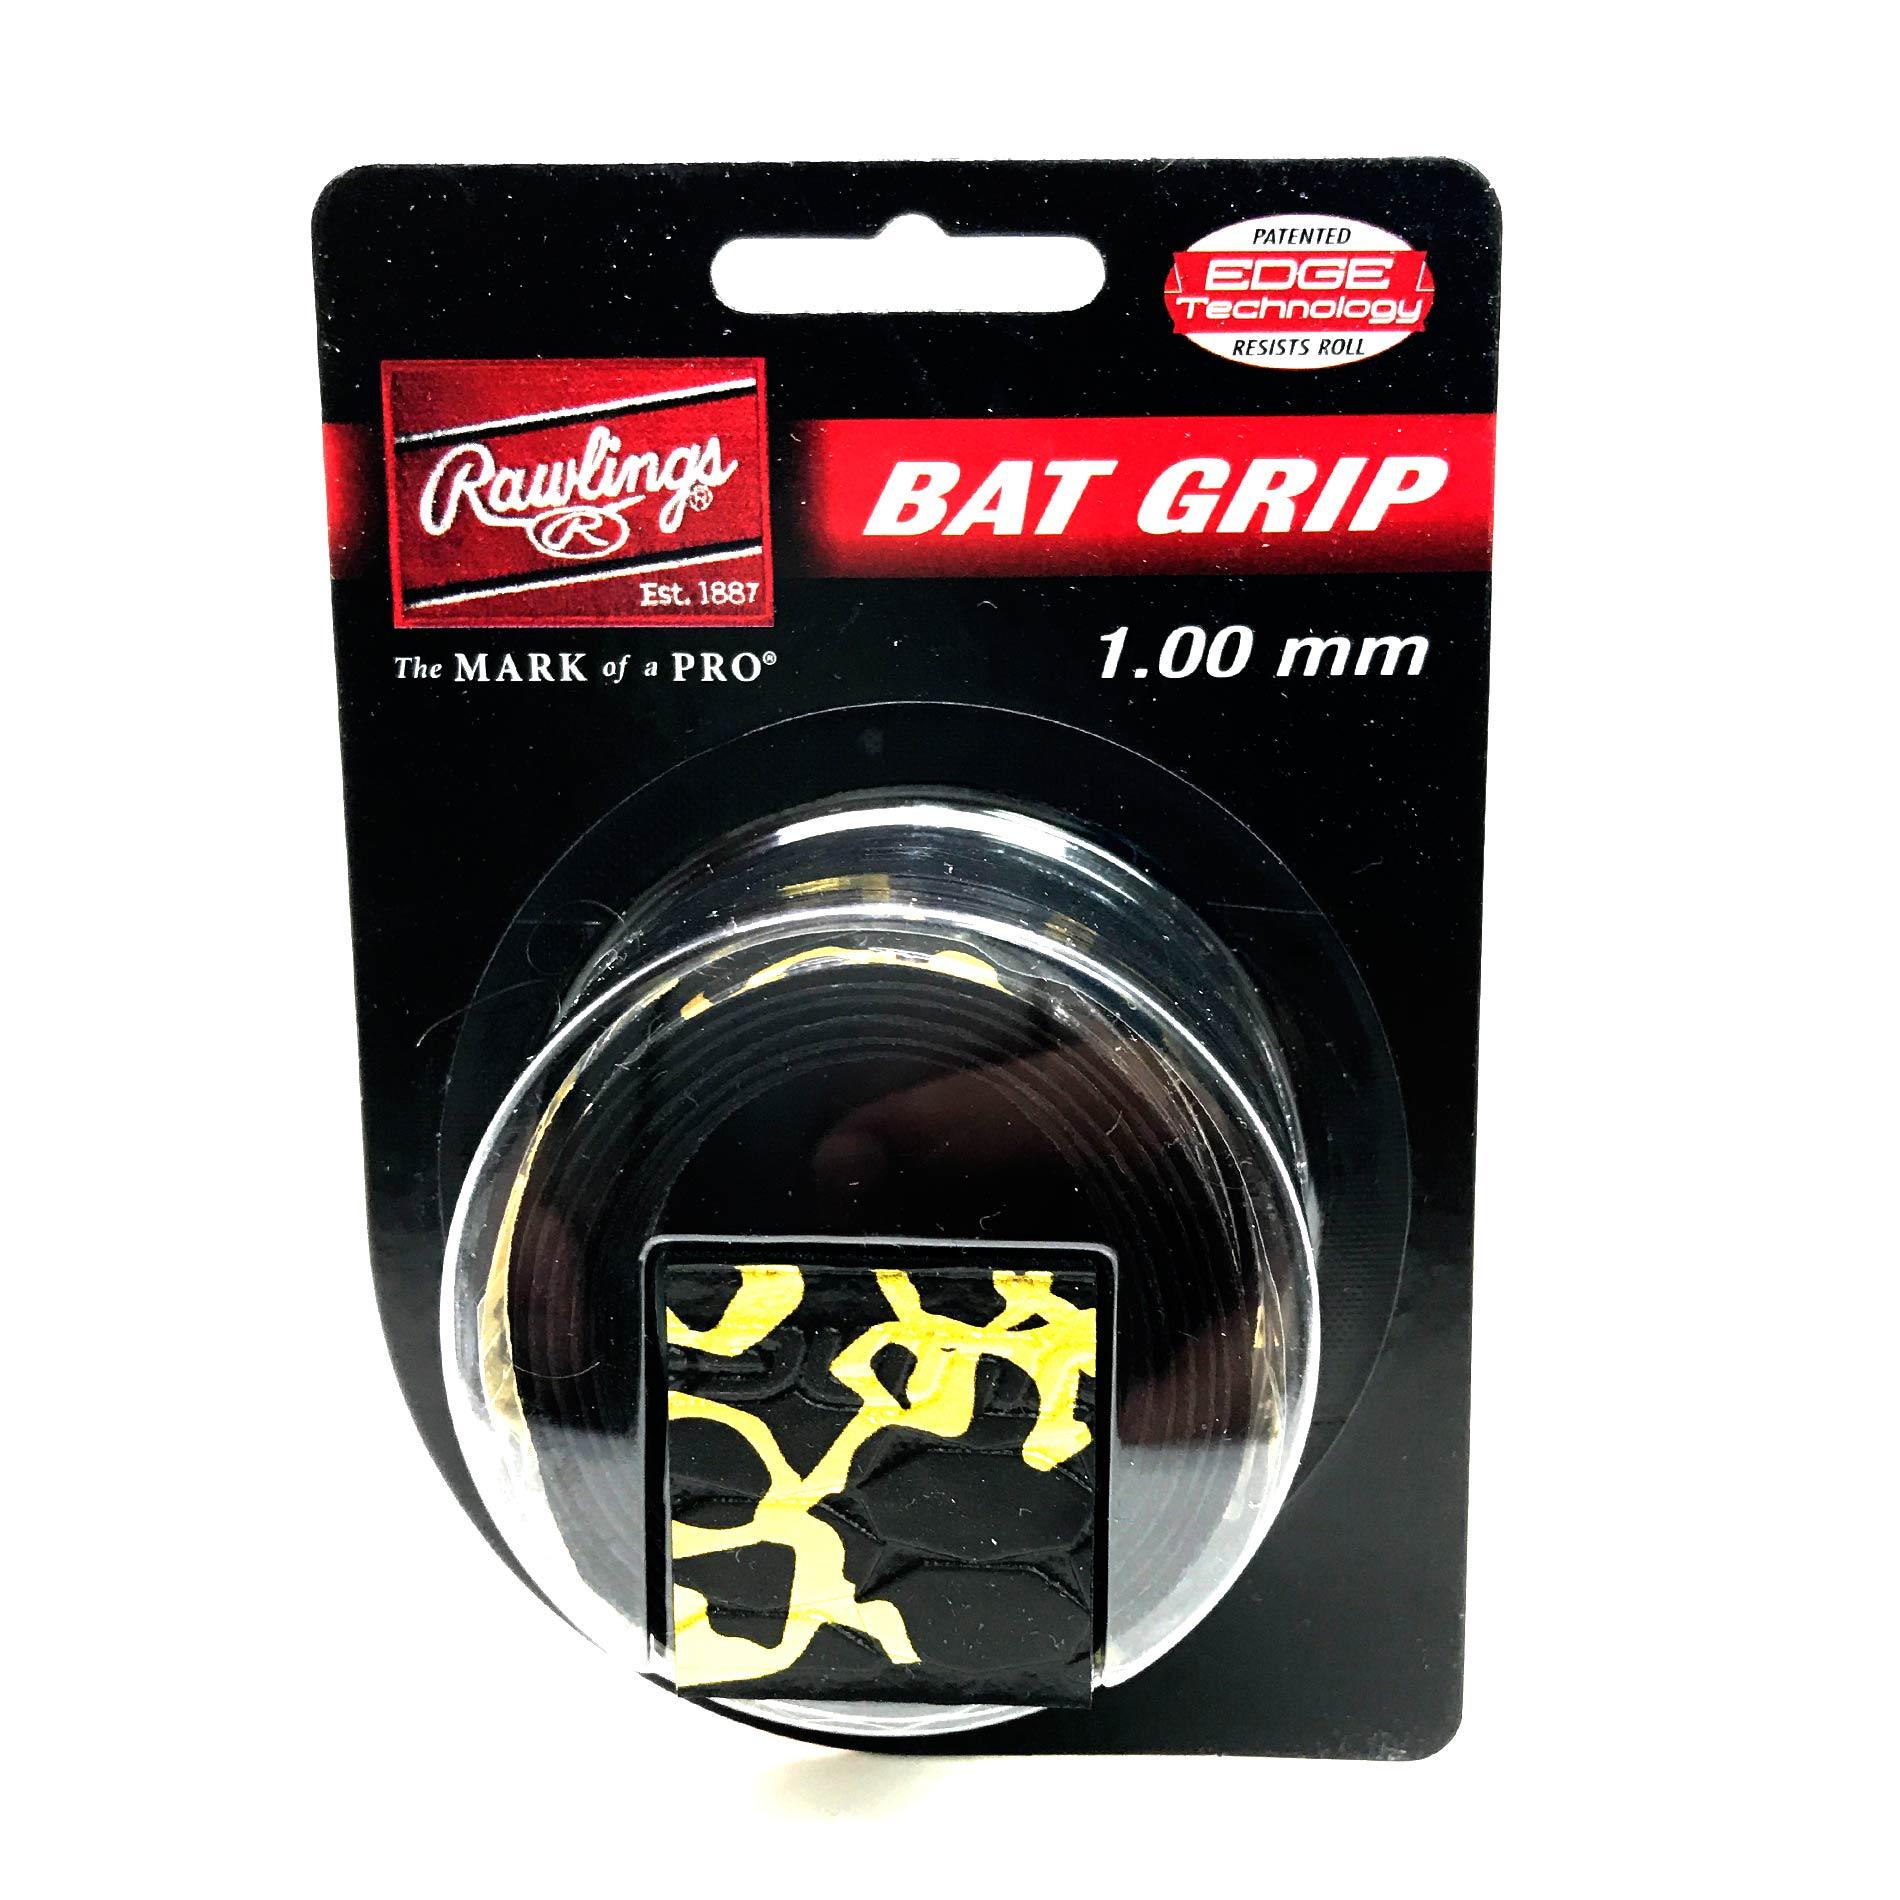 Rawlings 1.00mm Bat Grip (Gold Rush)